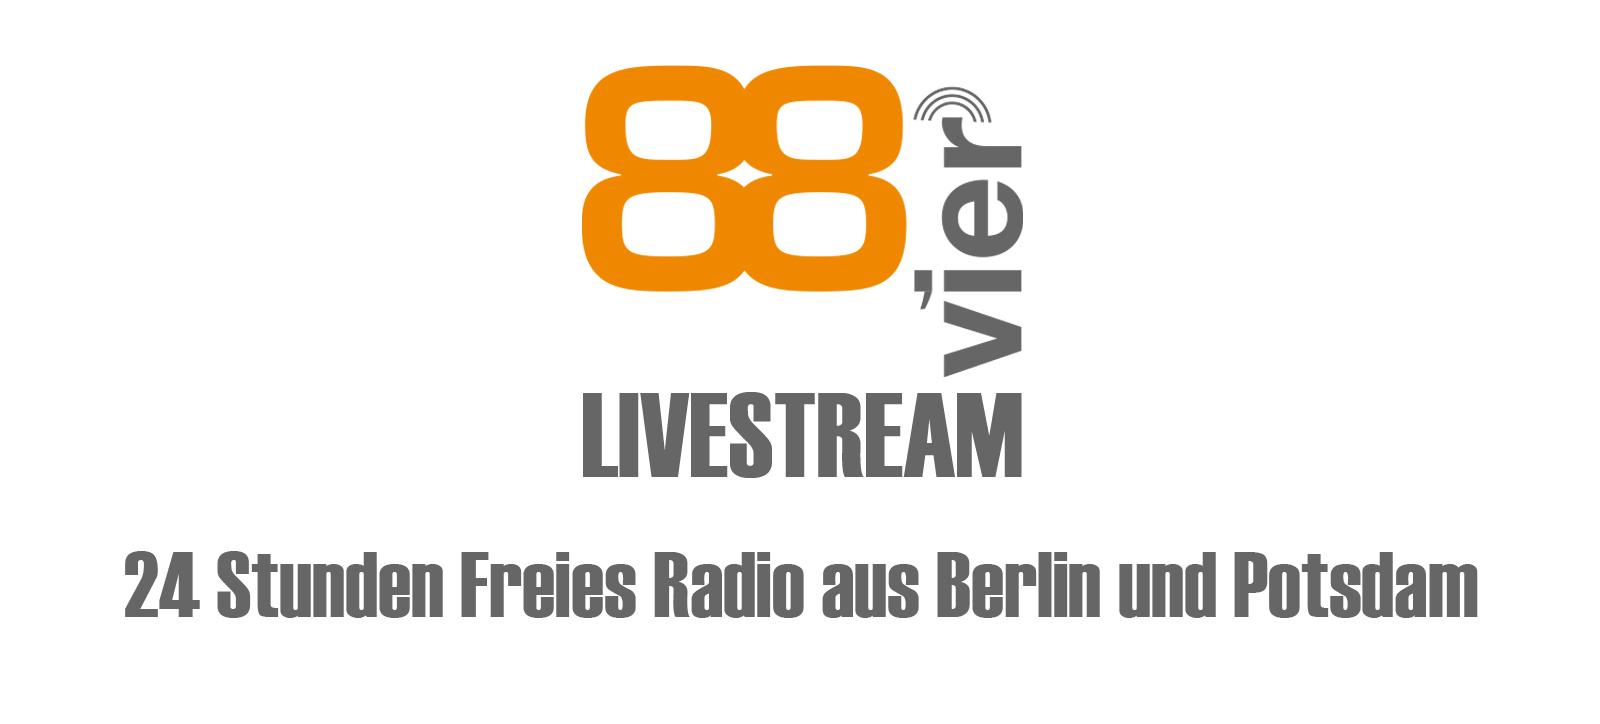 Livestream 88vier Rederei FM